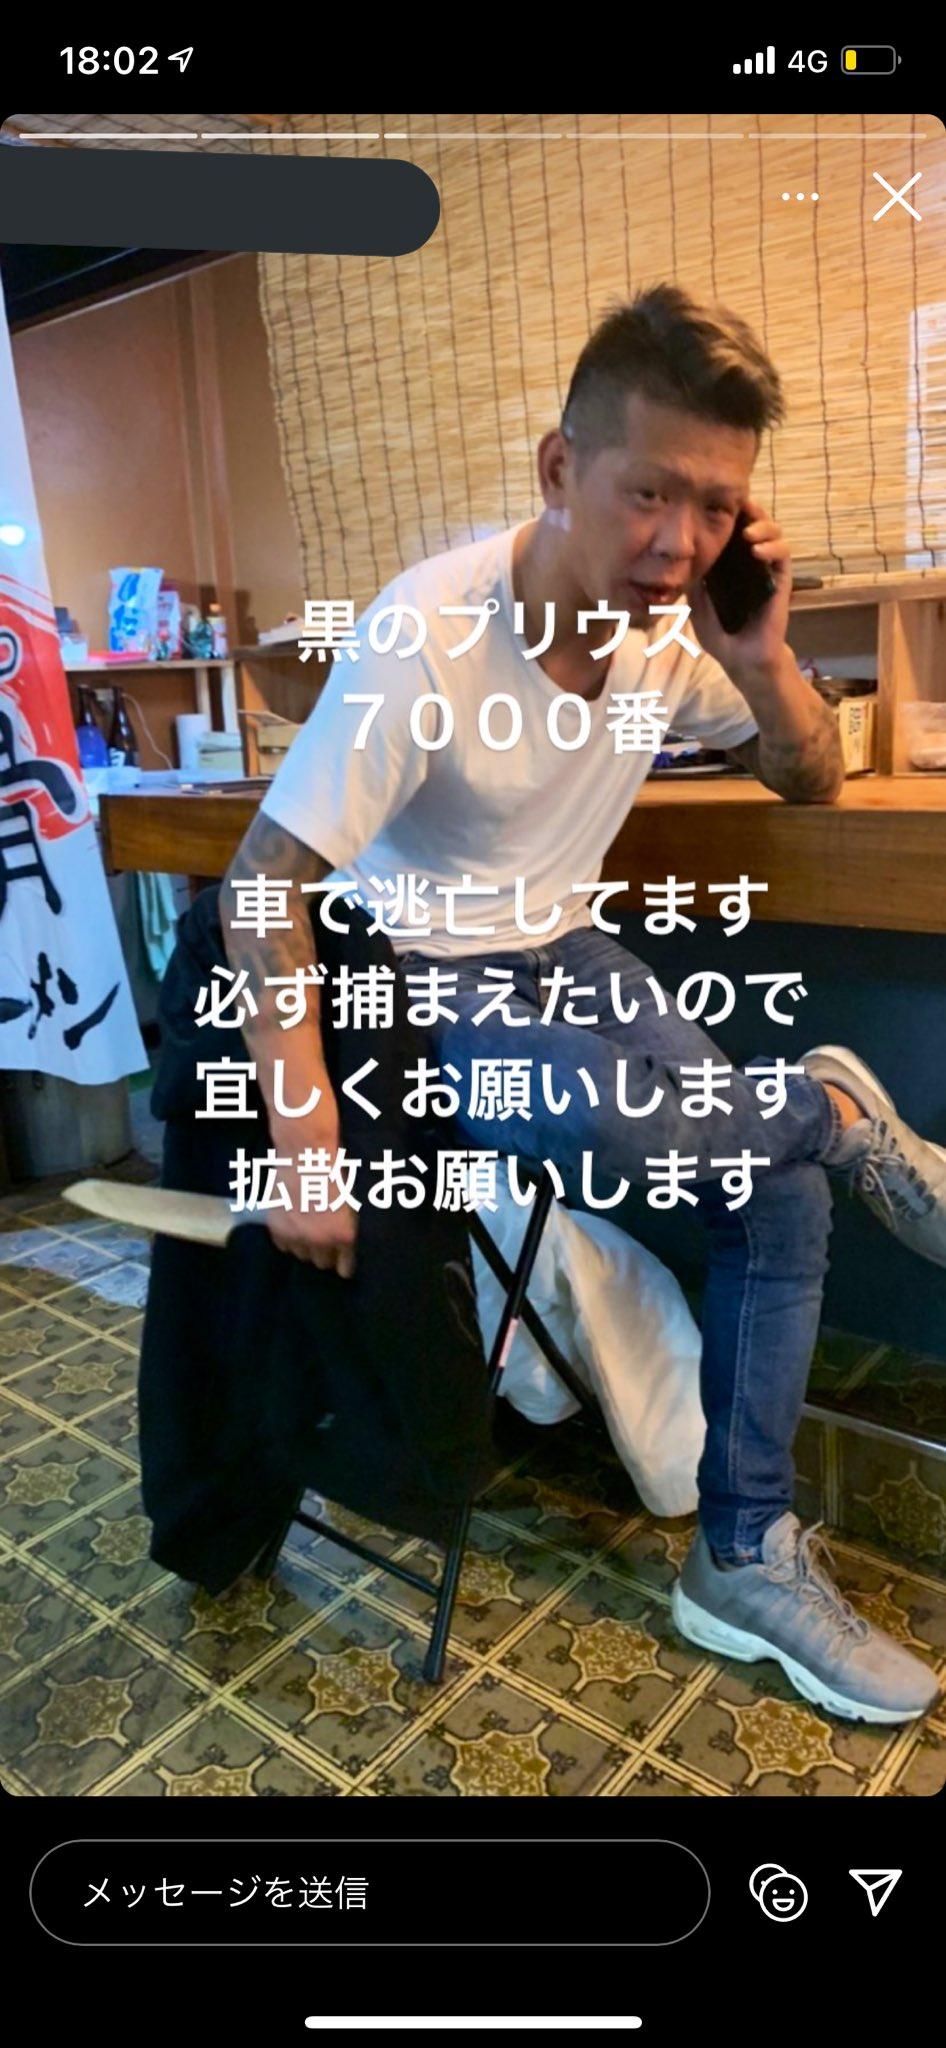 画像,今朝の三島殺人事件の犯人達です。新津鉄也 38歳大木拓 35歳皆様の安全のためにも早く見つかって欲しいので、拡散希望お願い致します。 https://t.co/…